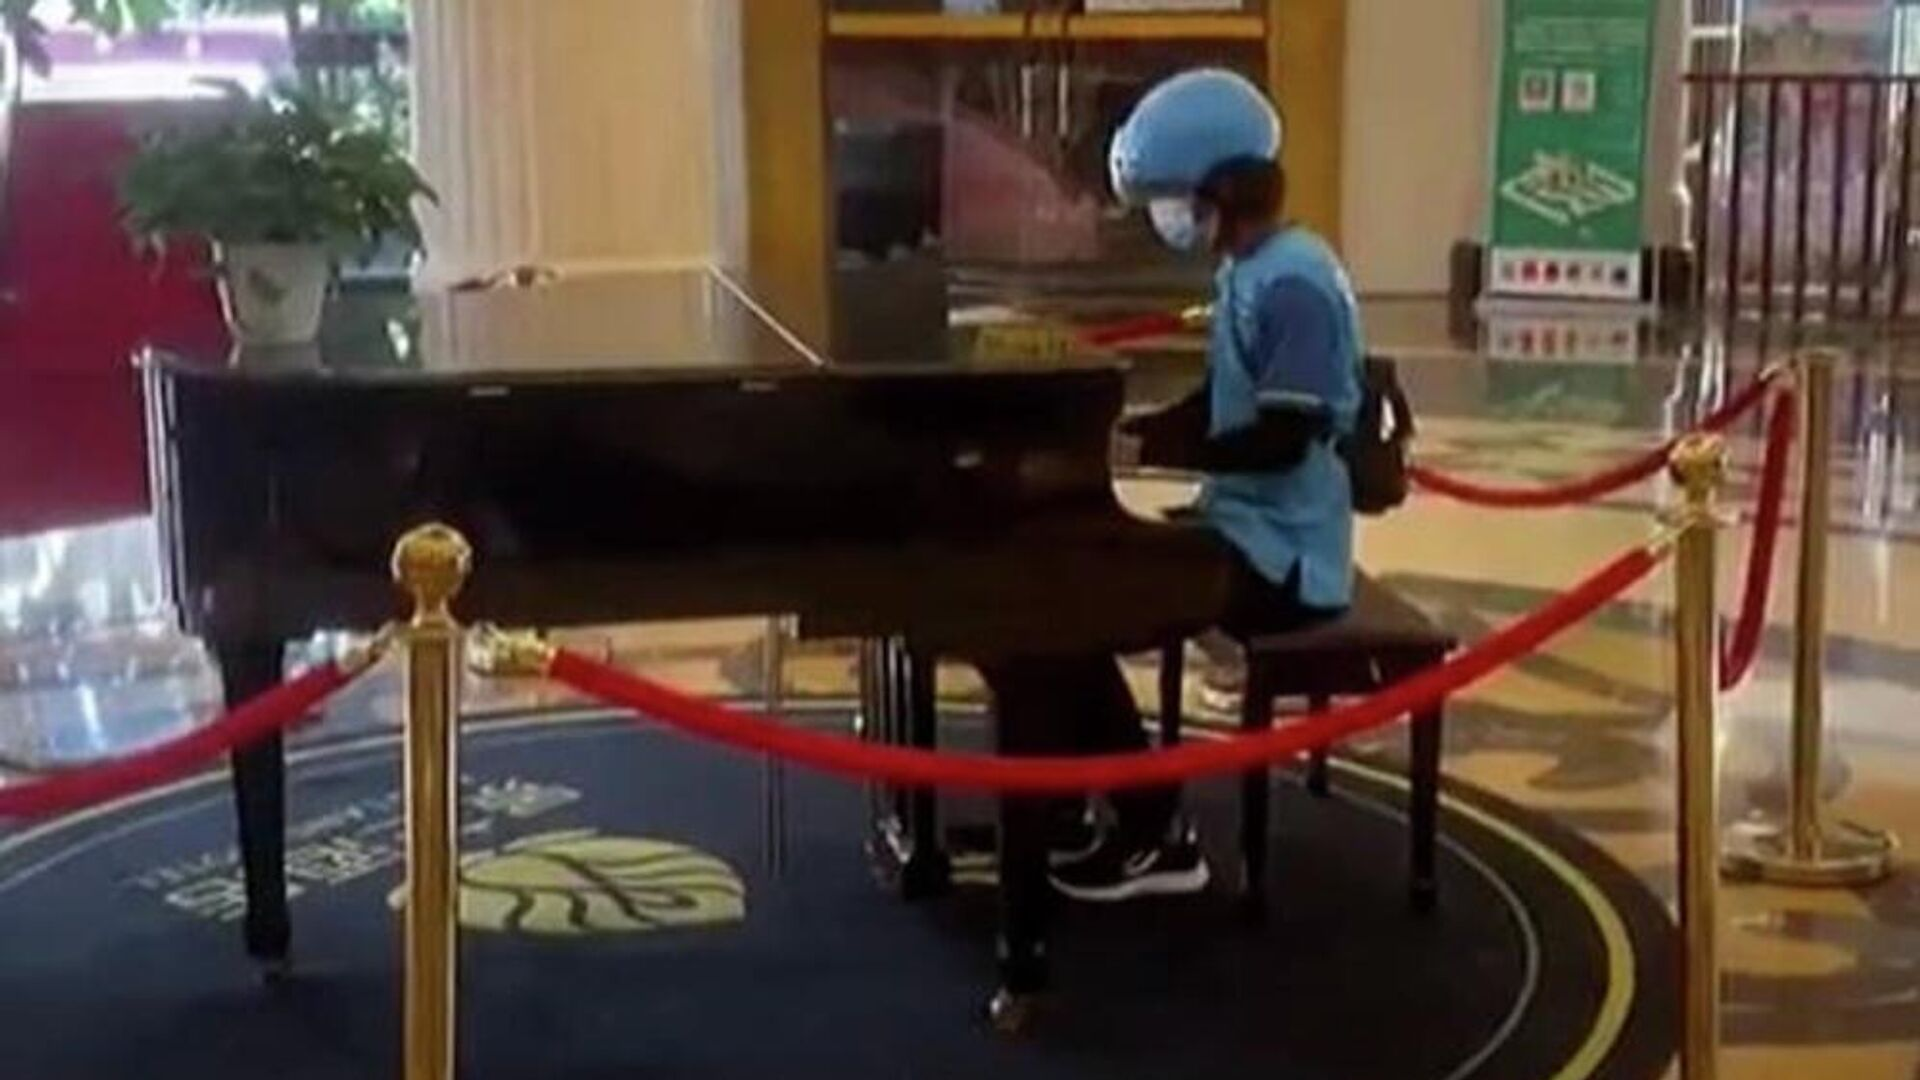 Ντελιβεράς παίζει πιάνο σε λόμπι ξενοδοχείου στην Κίνα - Sputnik Ελλάδα, 1920, 02.10.2021